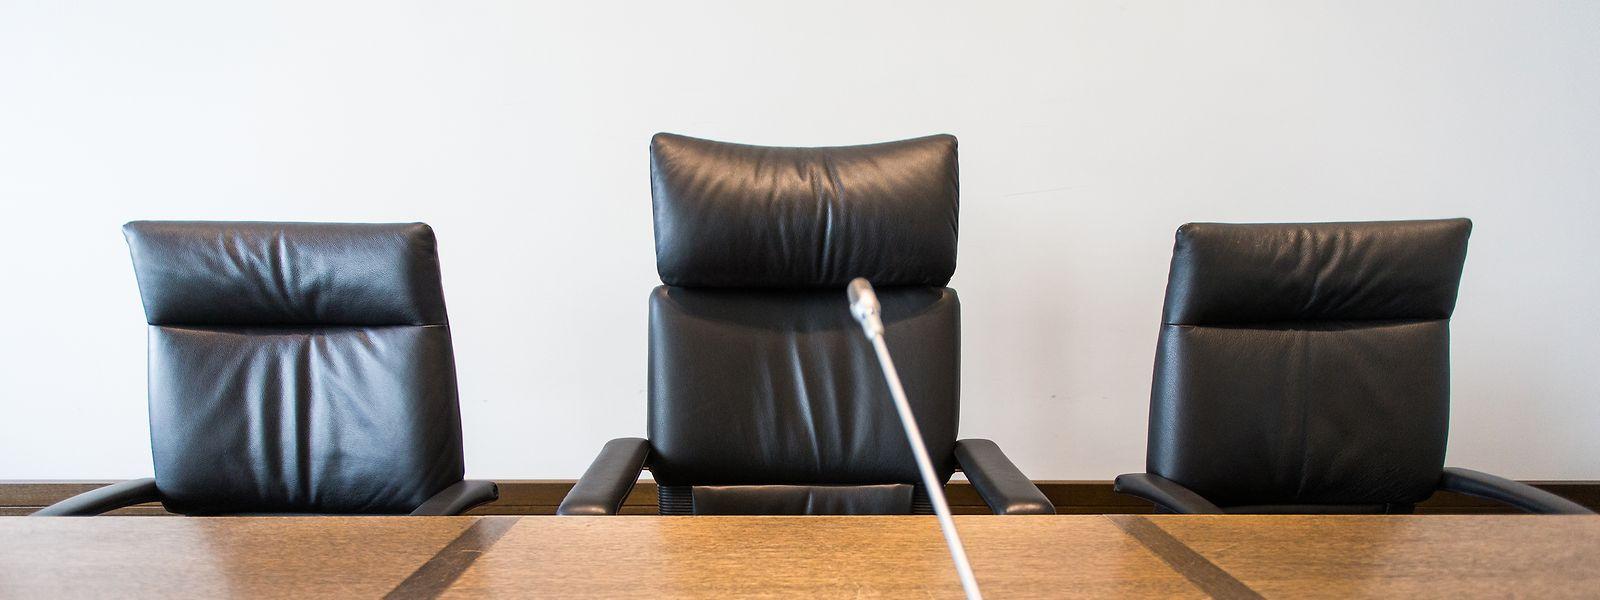 Travaux d'entretien, aide à la personne, services rendus à la collectivité : en cinq ans, 763 condamnations à des TIG ont été prononcées.